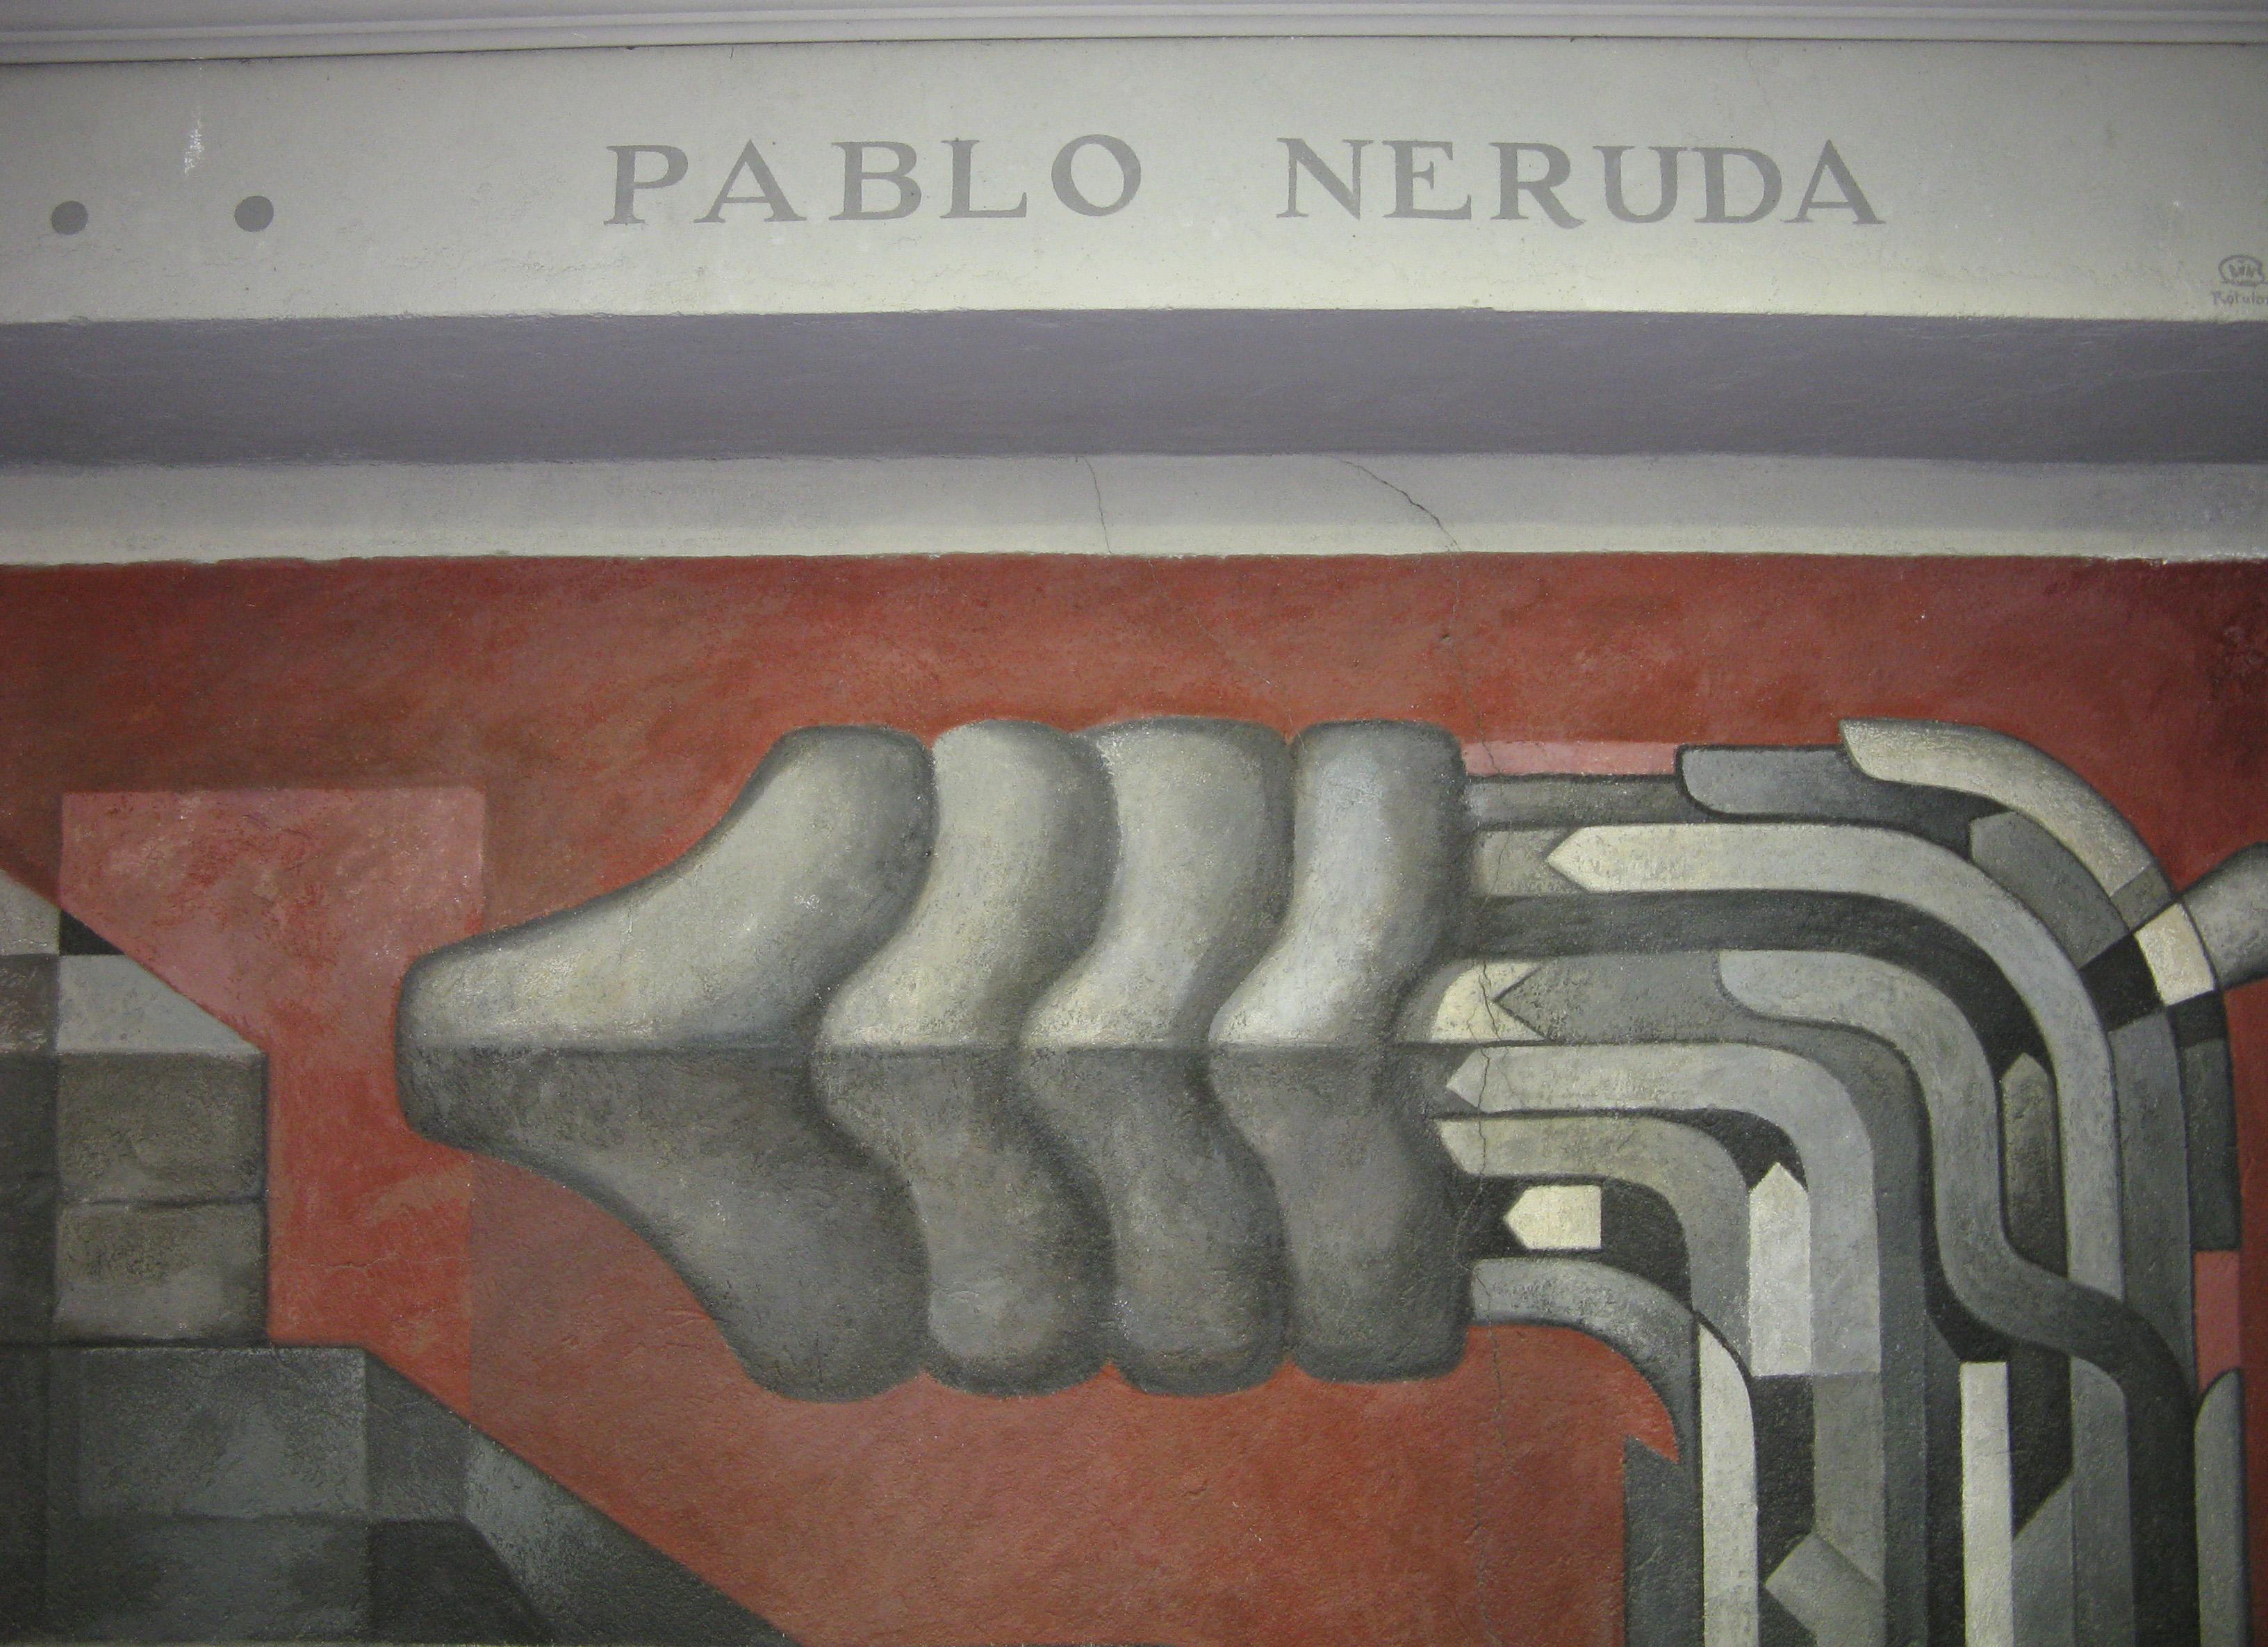 En el mural Presencia de América Latina, obra de Jorge González Camarena ubicada en el hall de acceso de la Casa del Arte de la Universidad de Concepción, sobre la punta de la cola de Quetzalcóatl puede leerse «Pablo Neruda», finalizando el extracto de su poema.